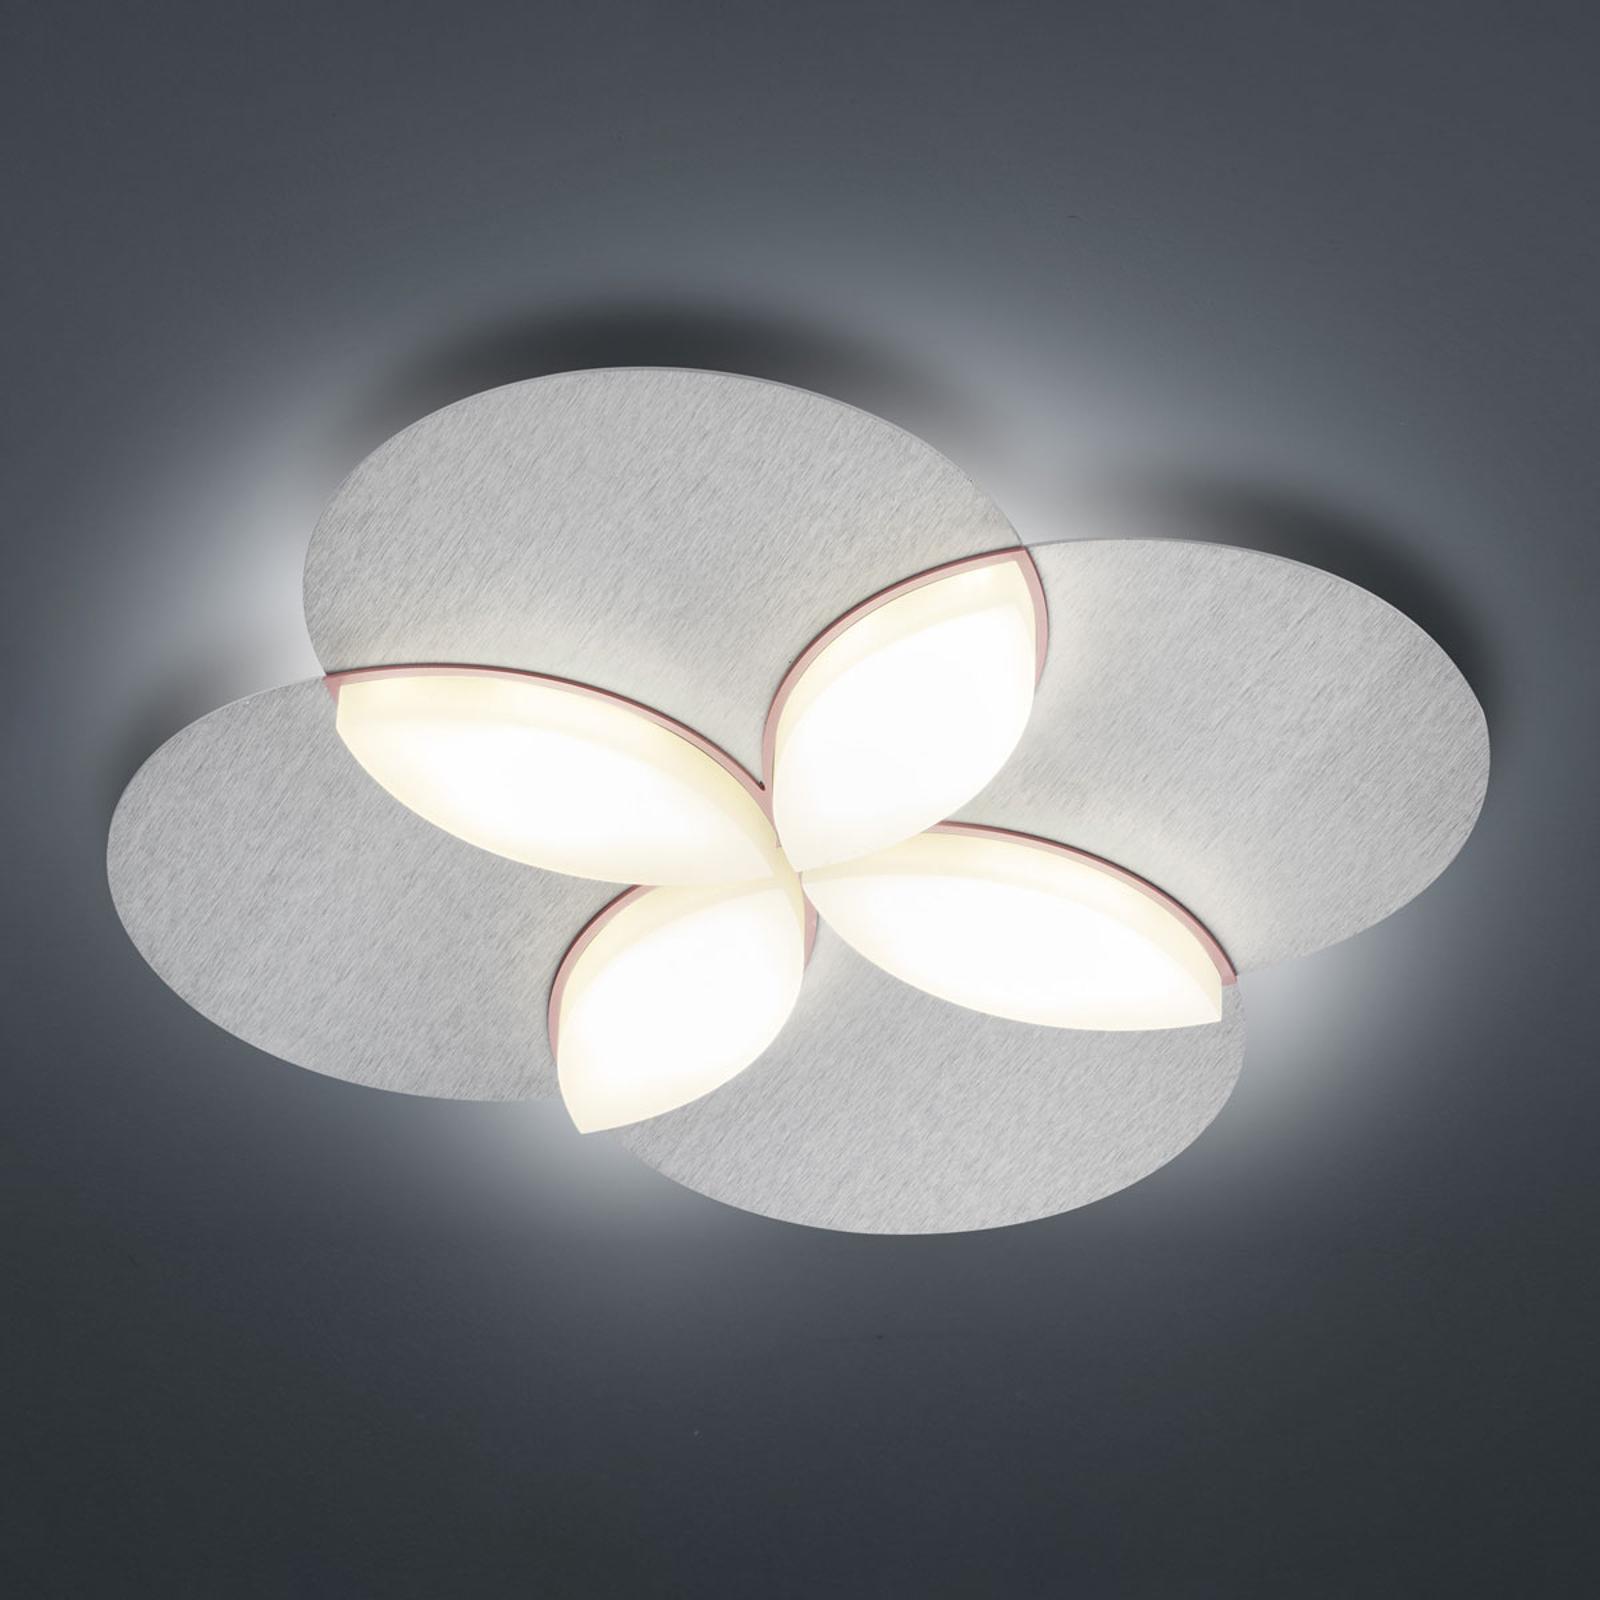 BANKAMP Spring plafonnier LED, argenté anodisé